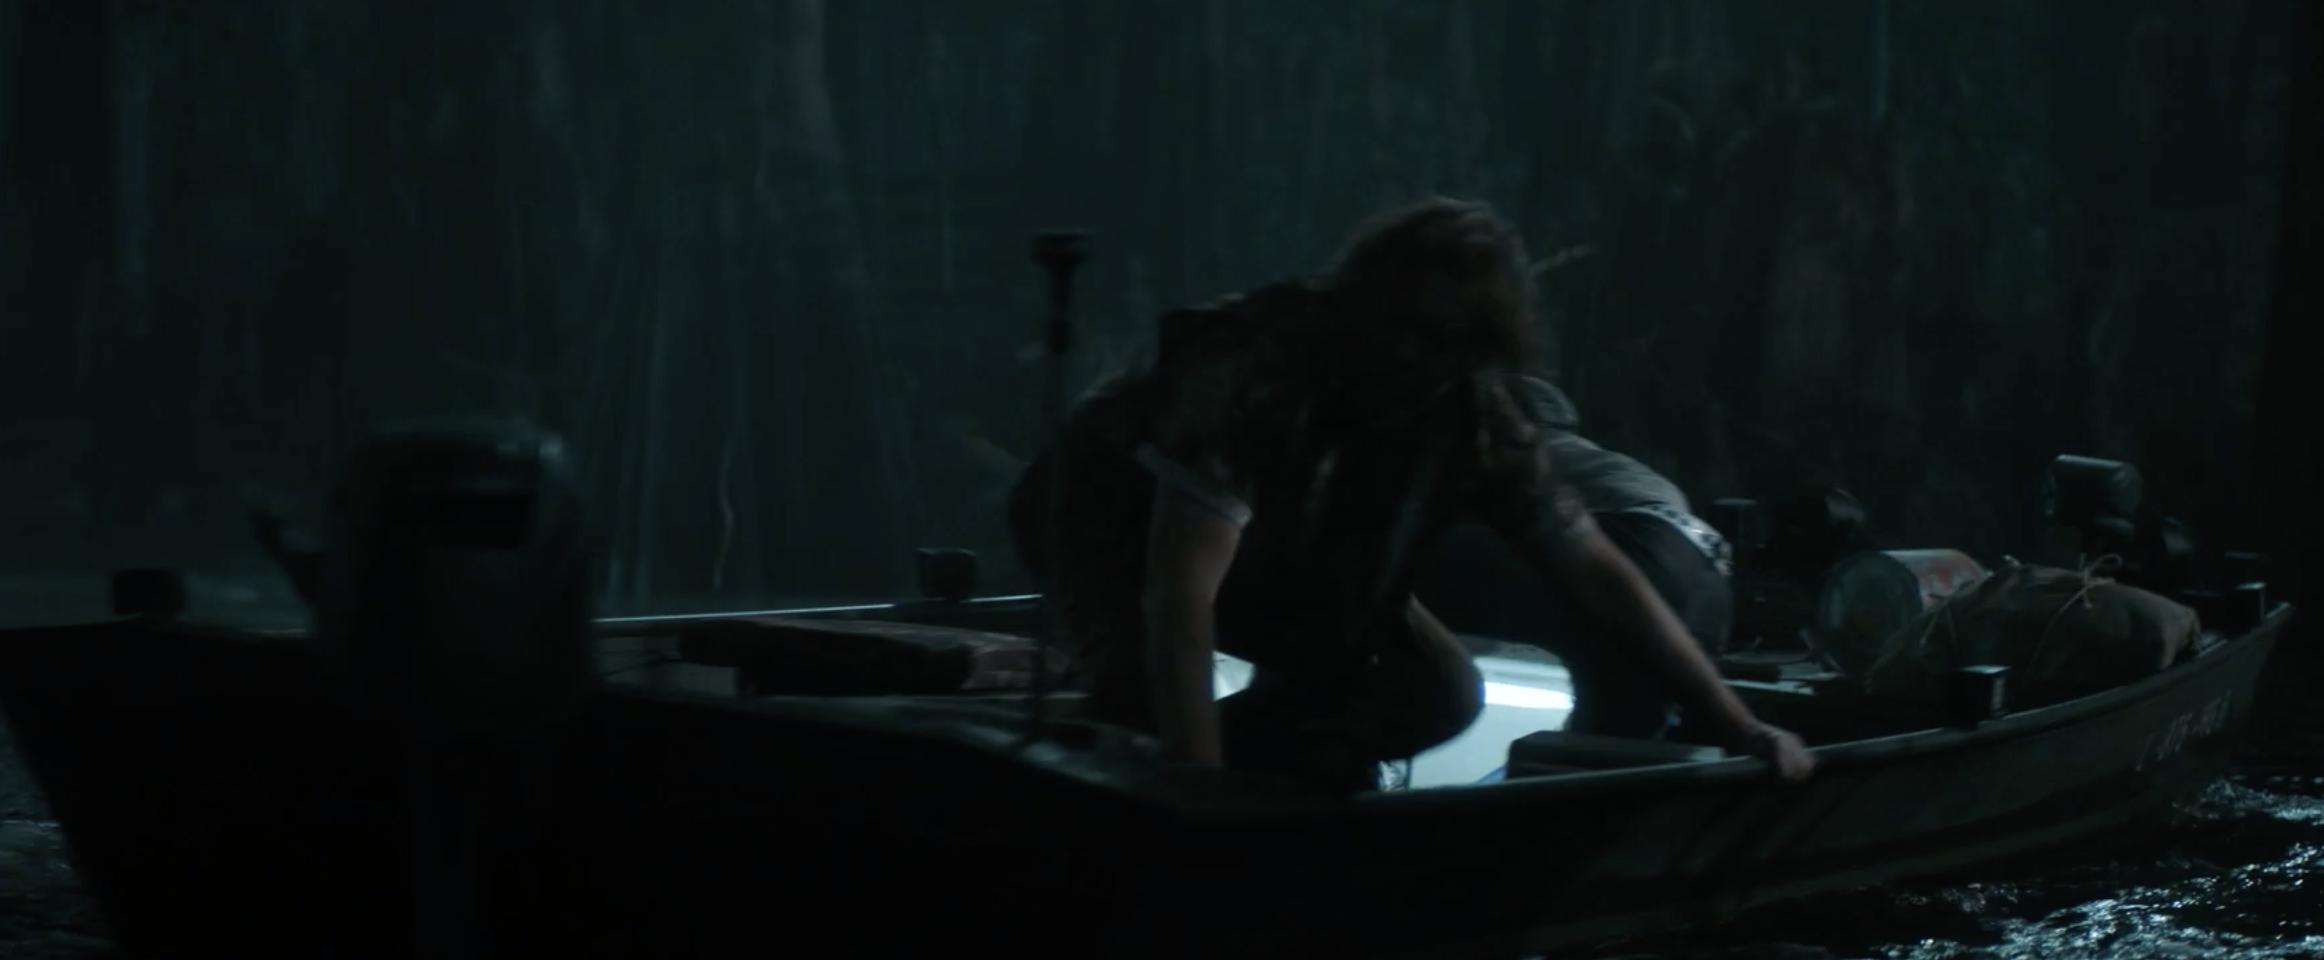 Boat under attack